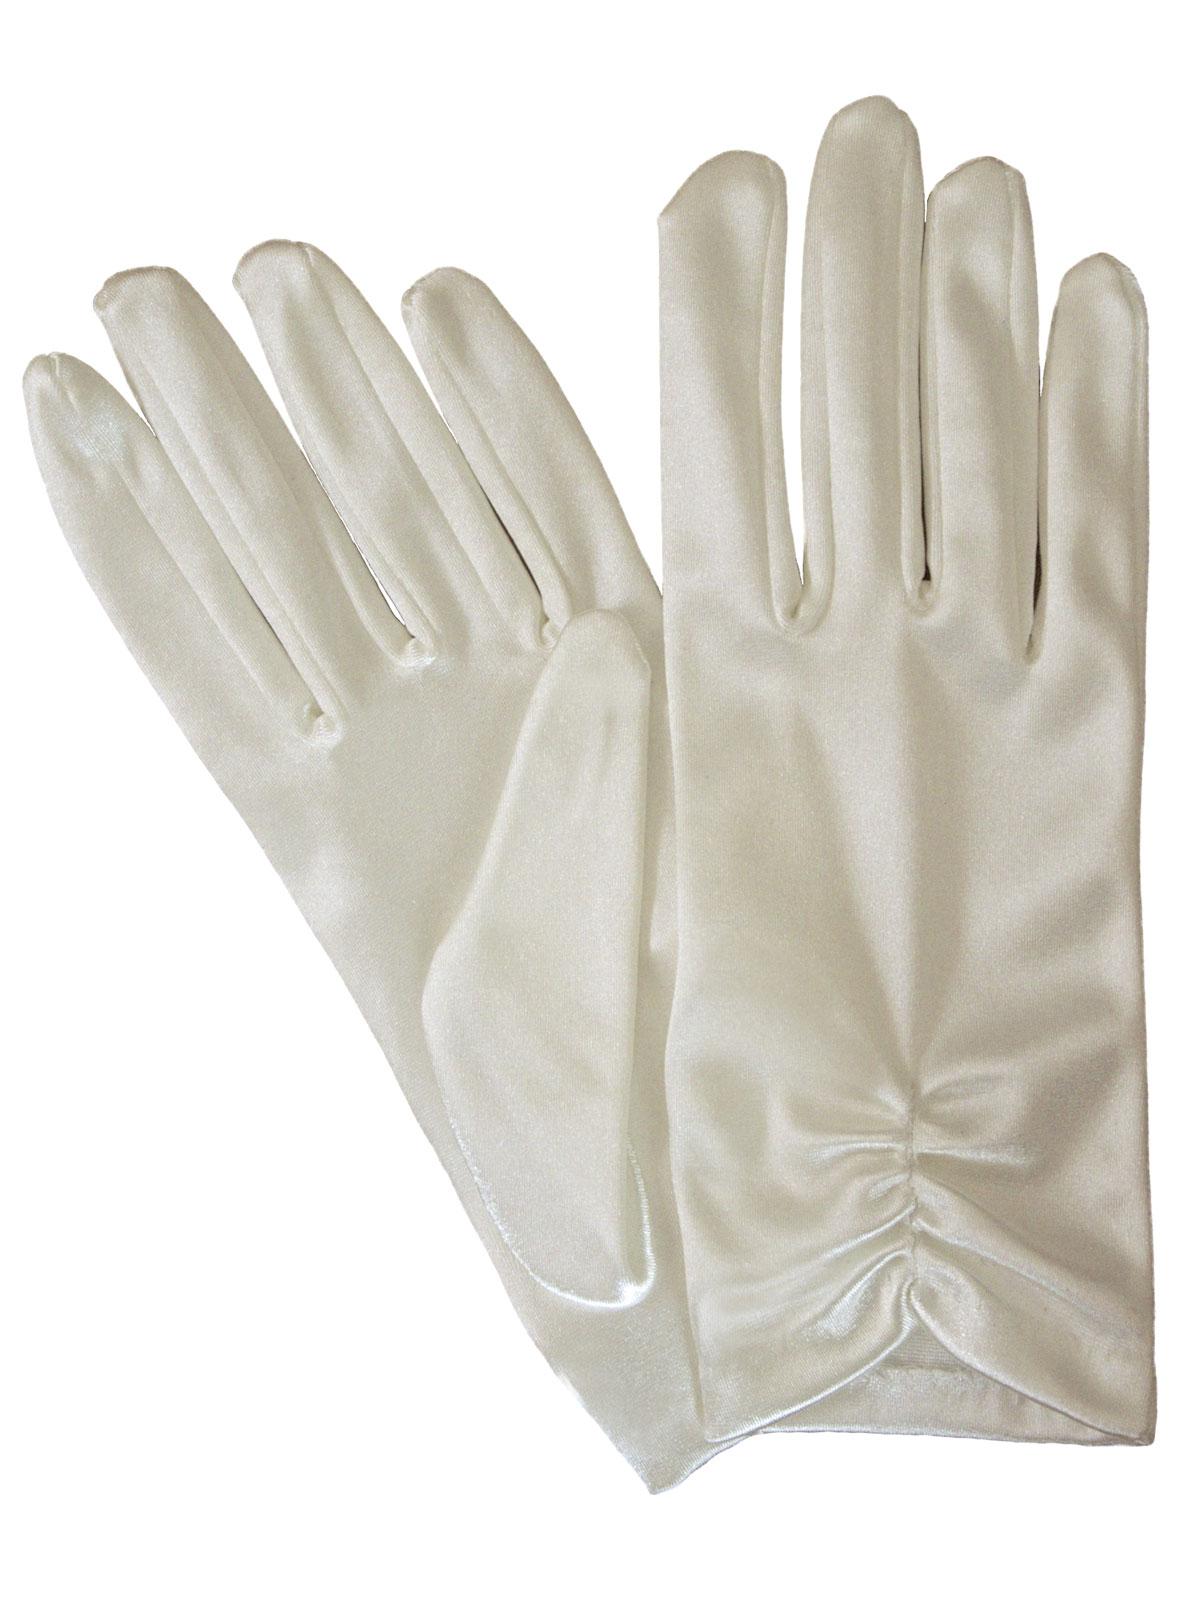 Dents Ivory Ruched Short Satin Dress Gloves